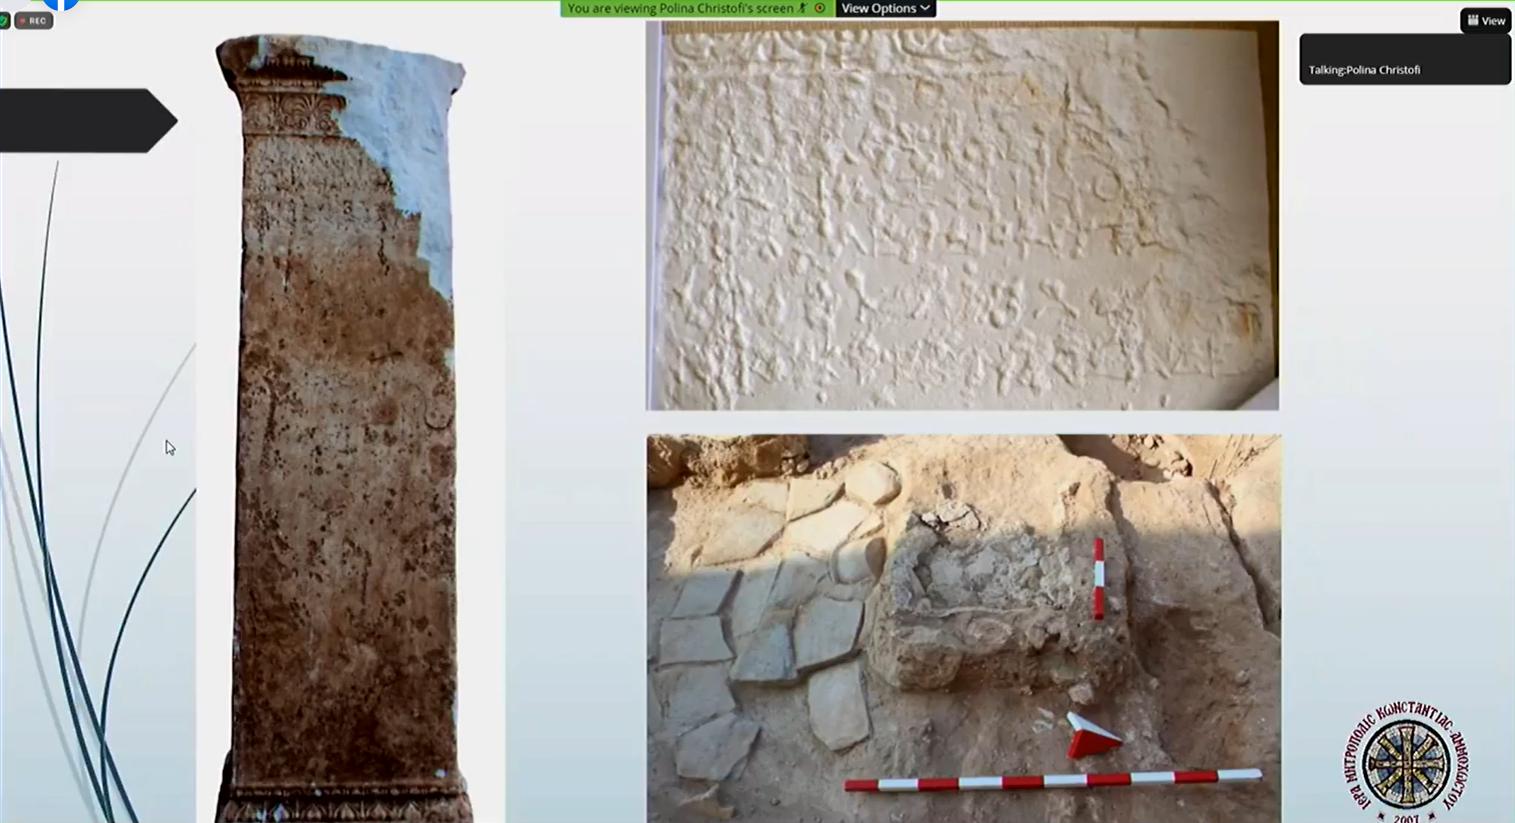 Διάλεξη με θέμα Σωστικές ανασκαφές στο εξωκλήσι της Παναγιώτισσας (08 Απριλίου 2021)